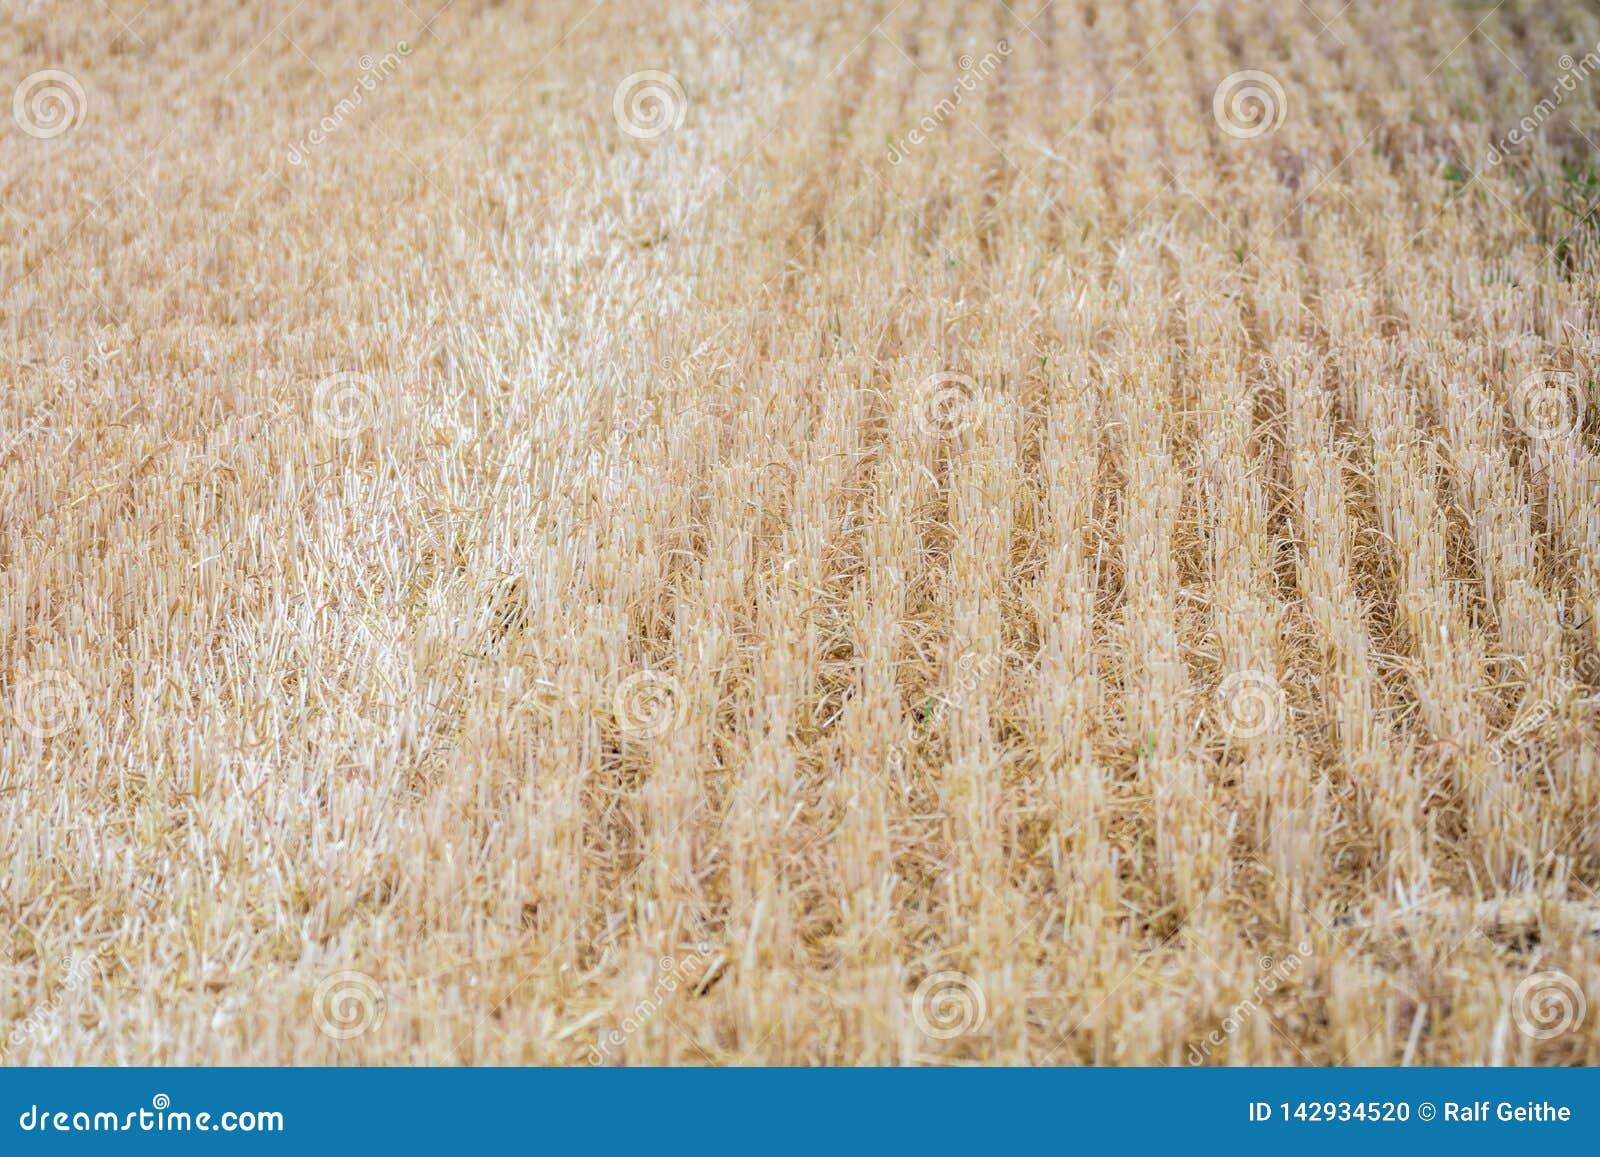 Geoogste cornfield als achtergrond of textuur